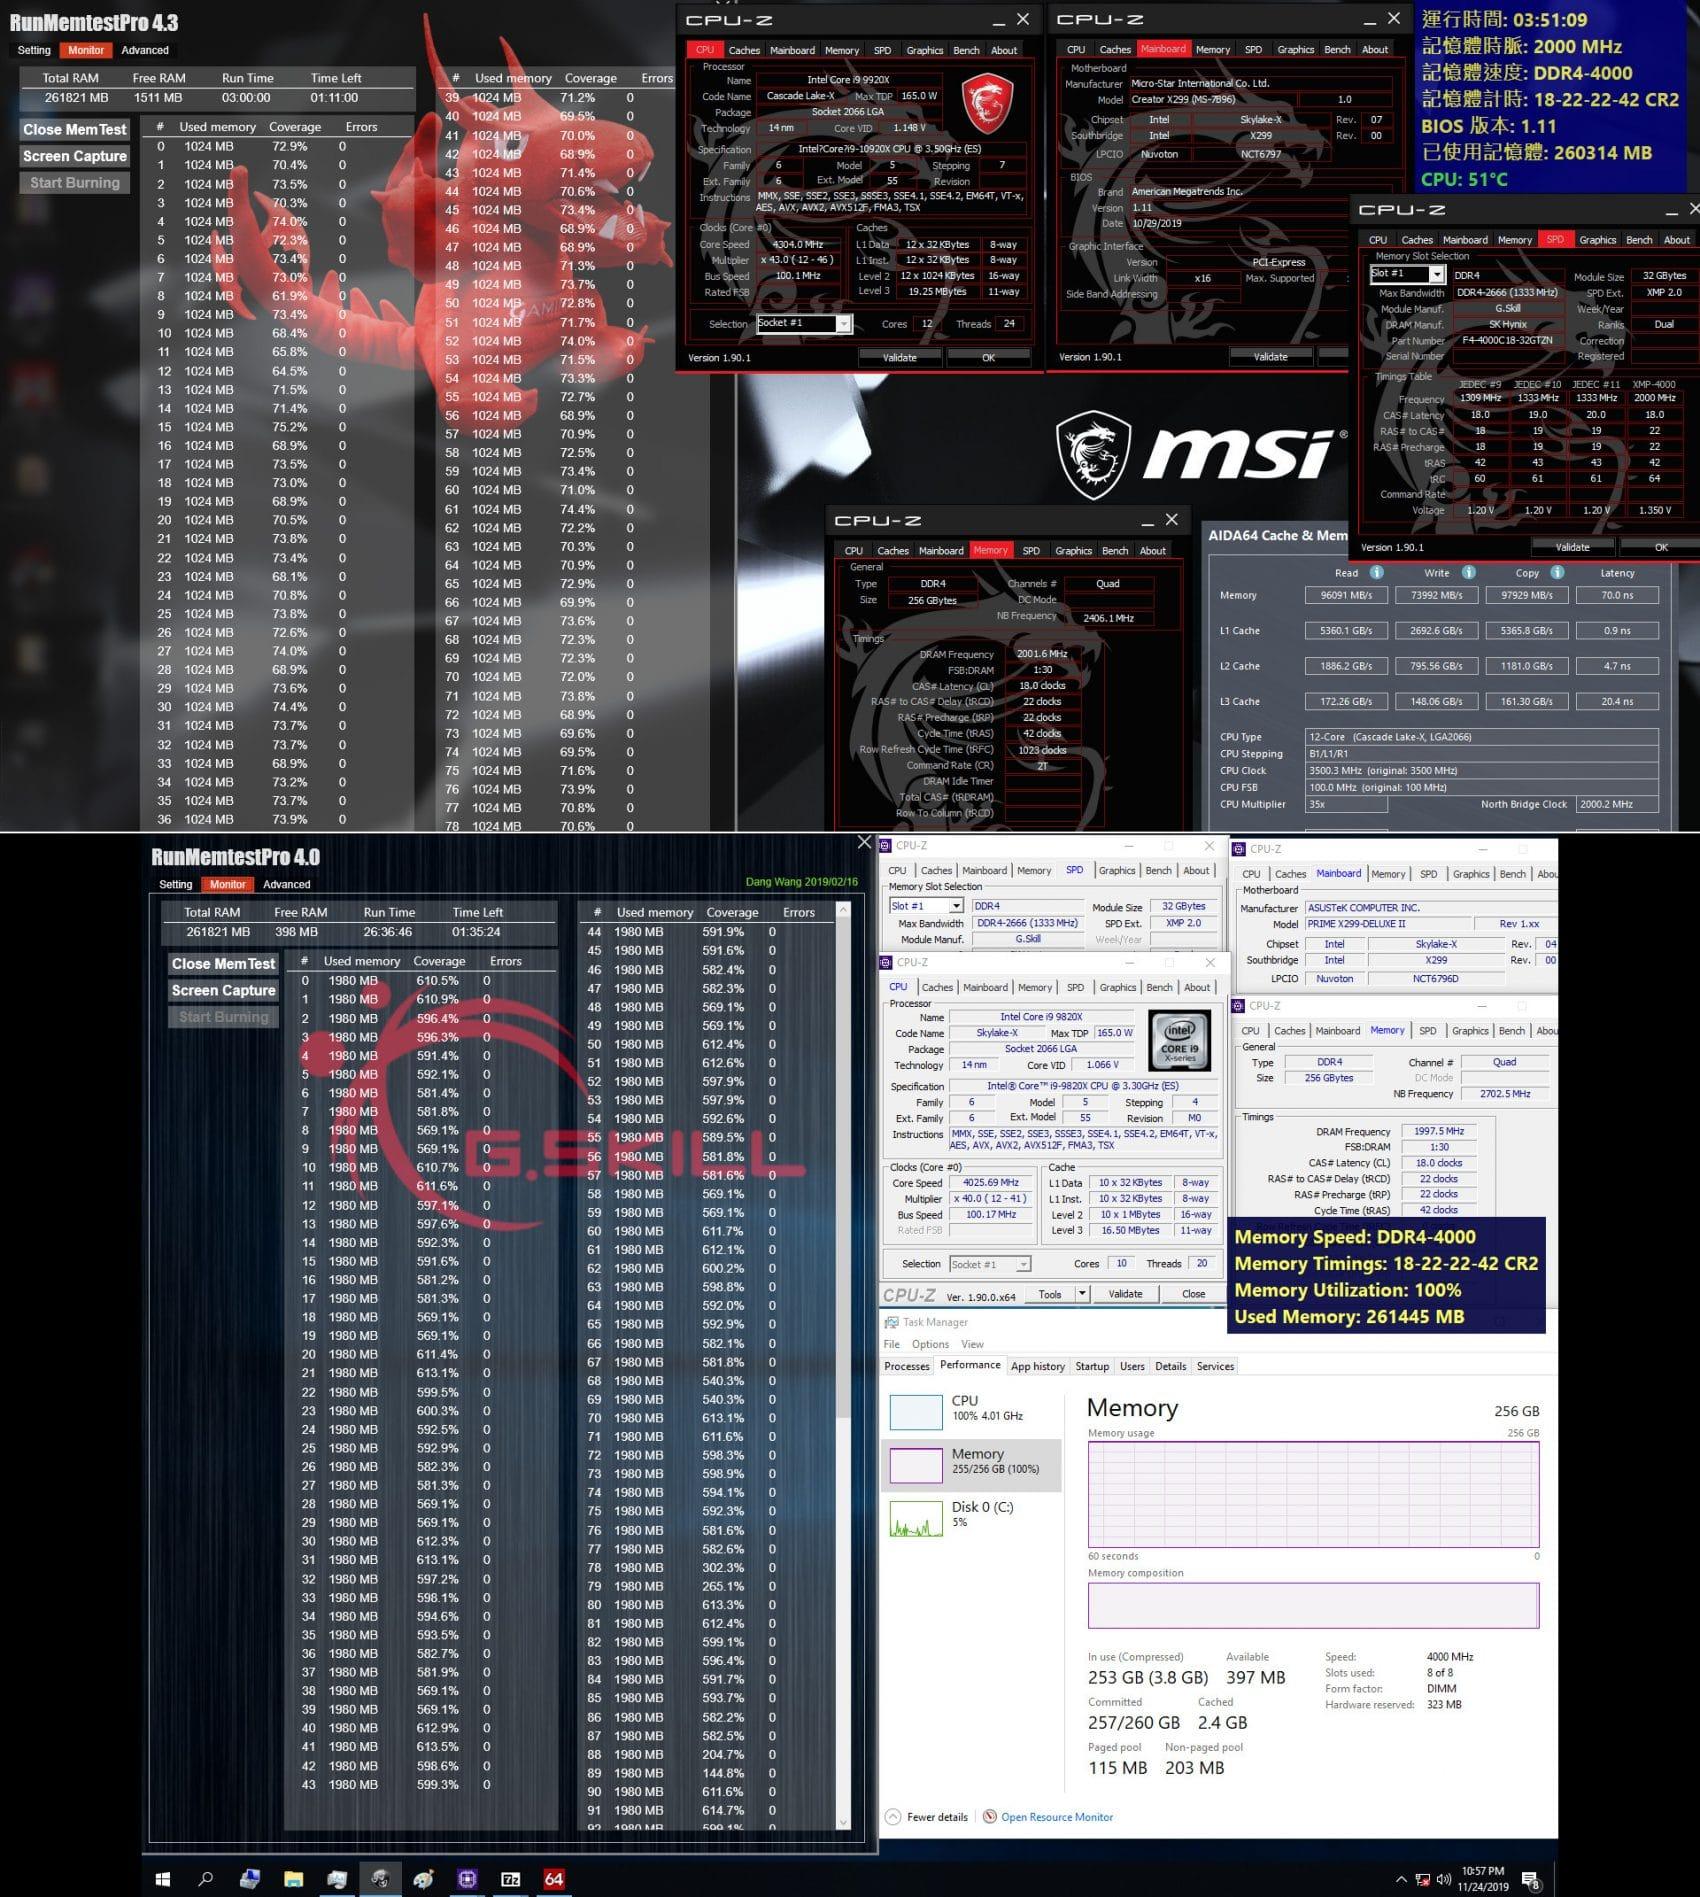 G.Skill Intel DDR4 4000 Mhz CL18-22-22-42